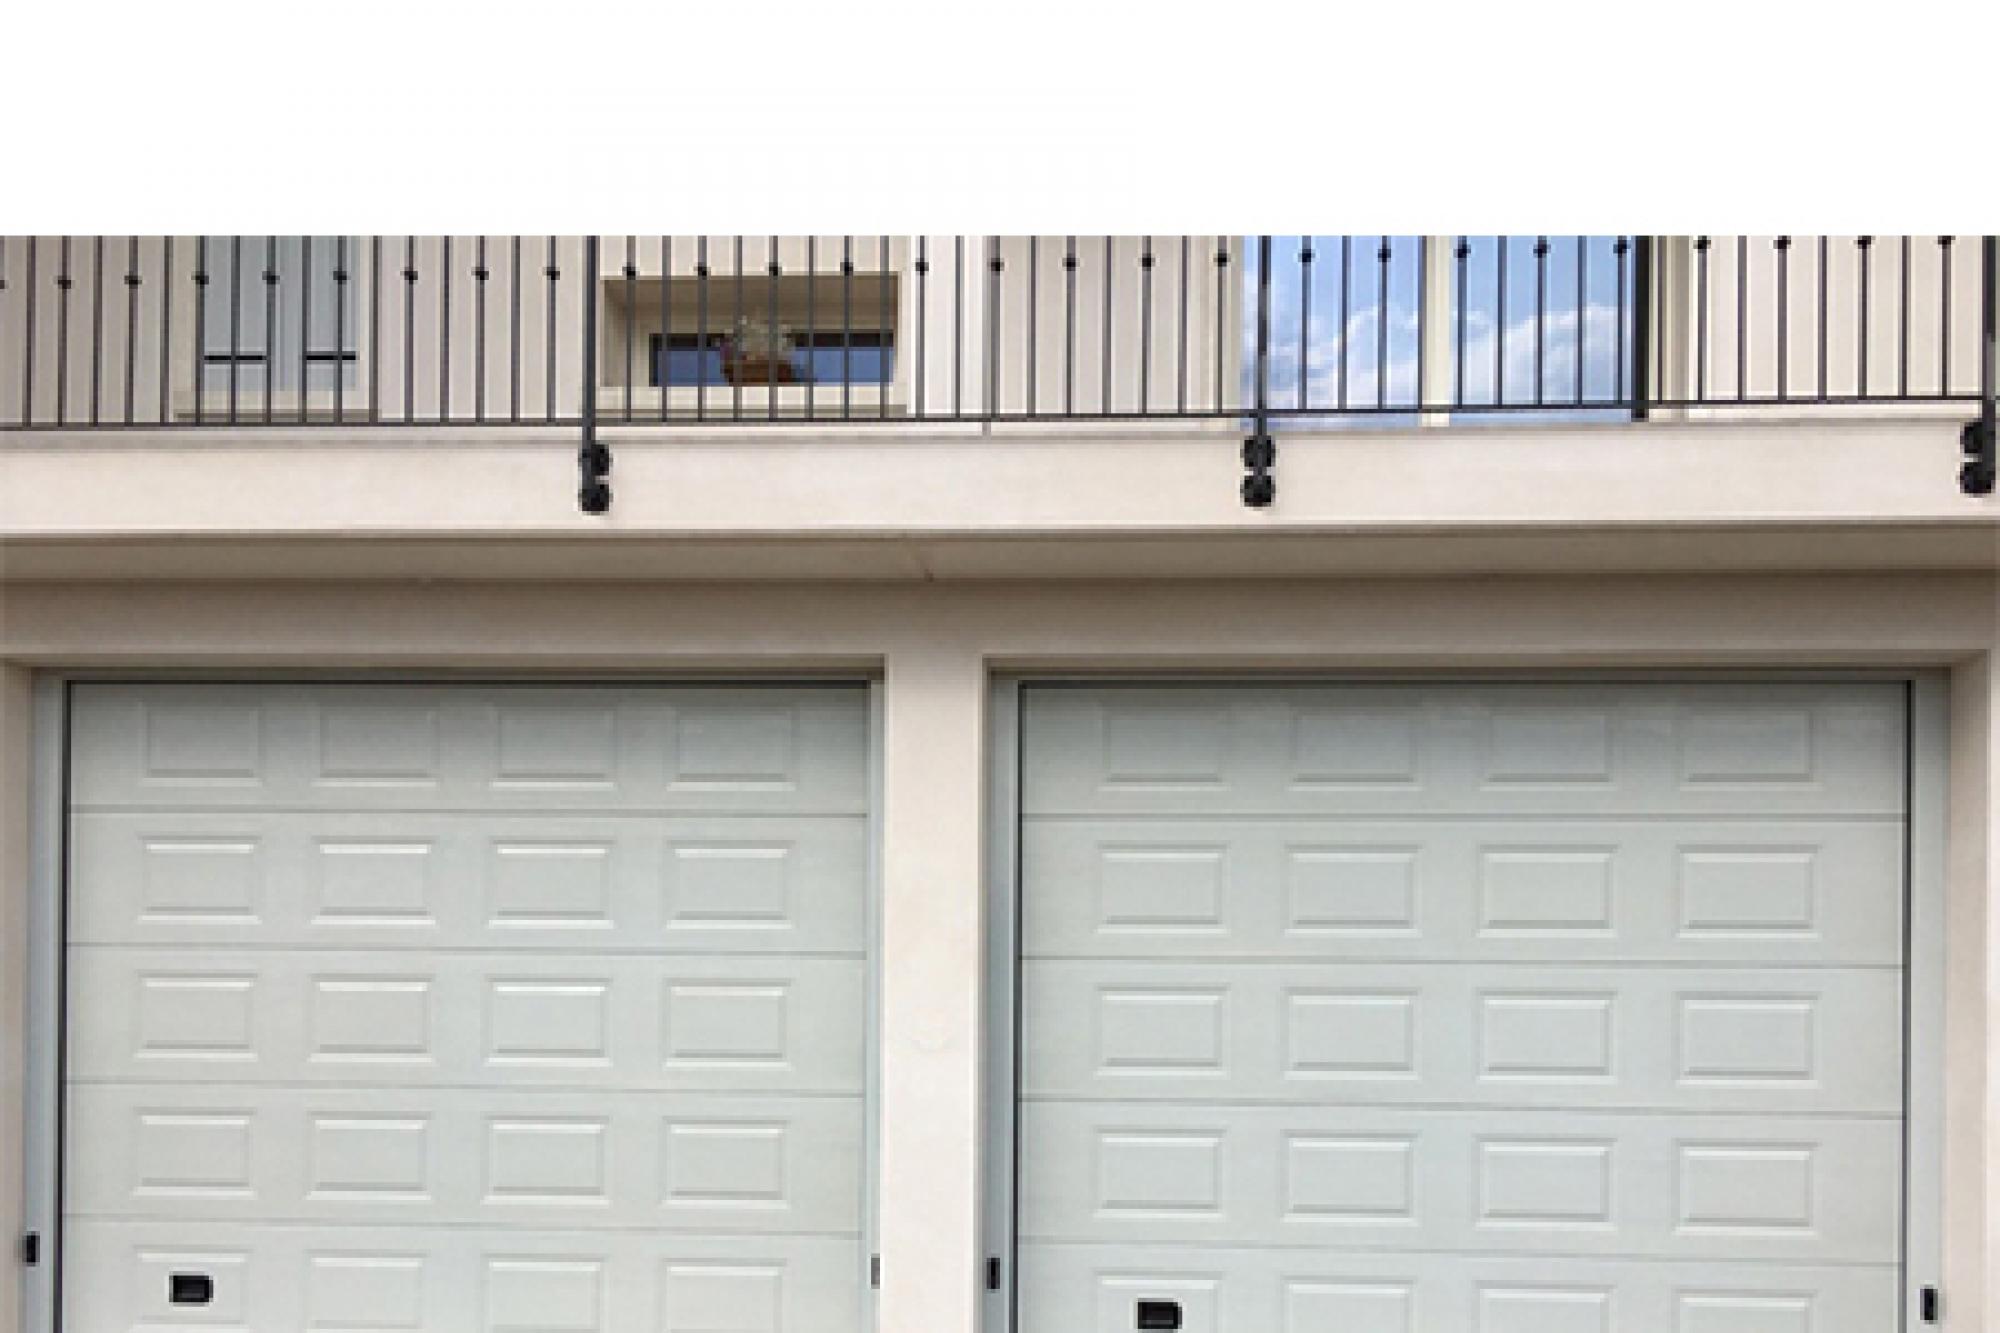 Porte e portoni sezionali per garage, Richiedi Prezzo o Preventivo ...